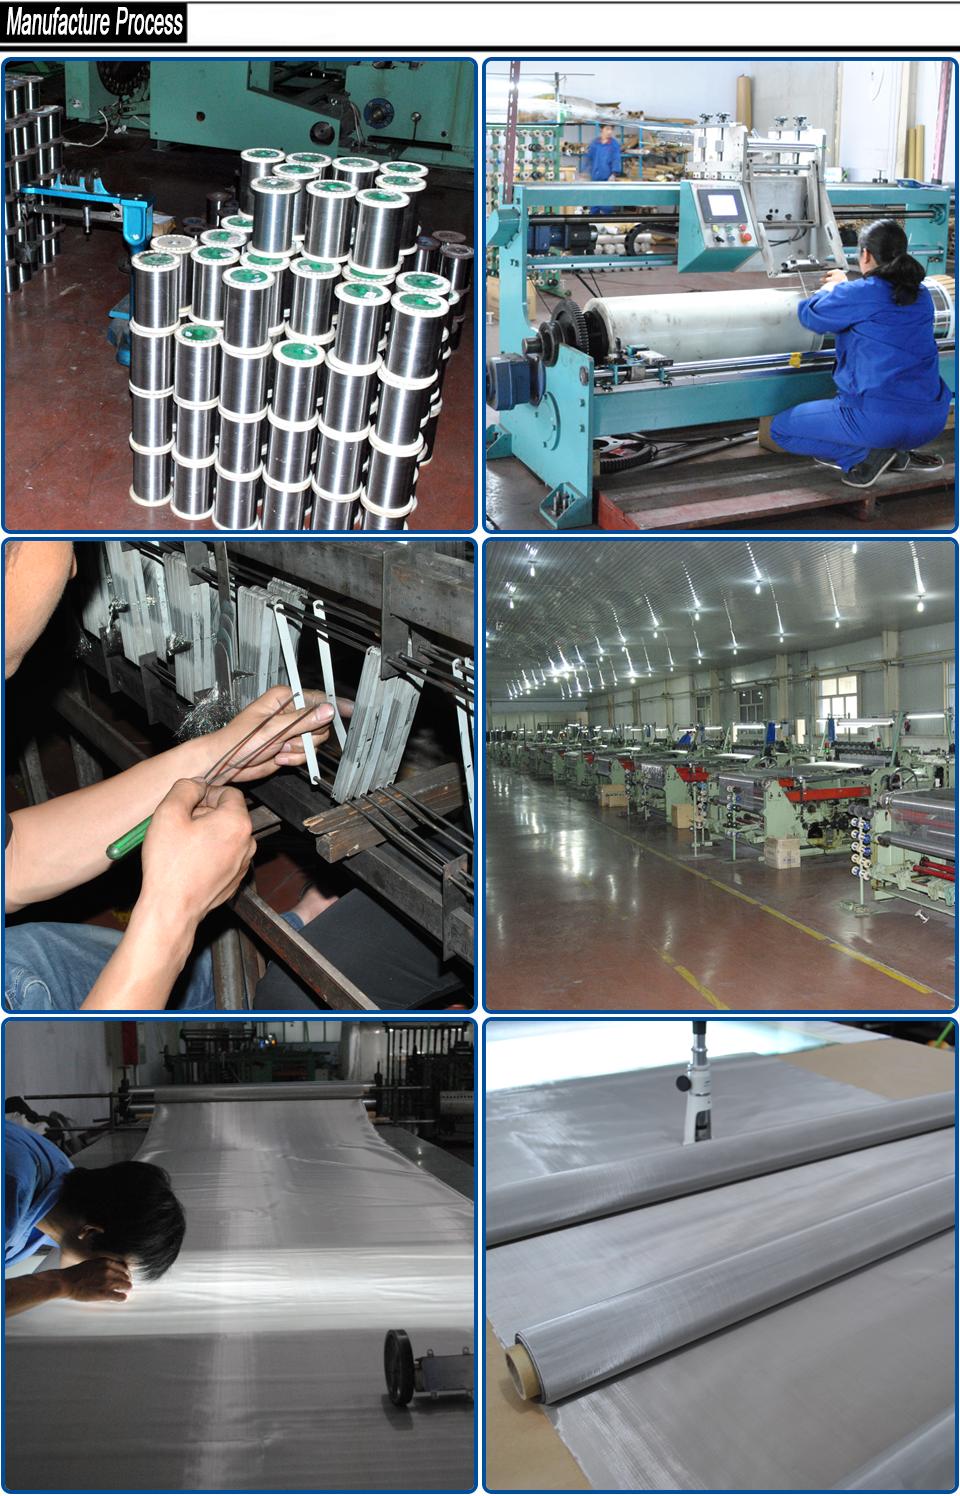 60 70 0,1 ммвольфрам тканые 8 медь фосфористая бронза Papermaking проволочной ткани сетки